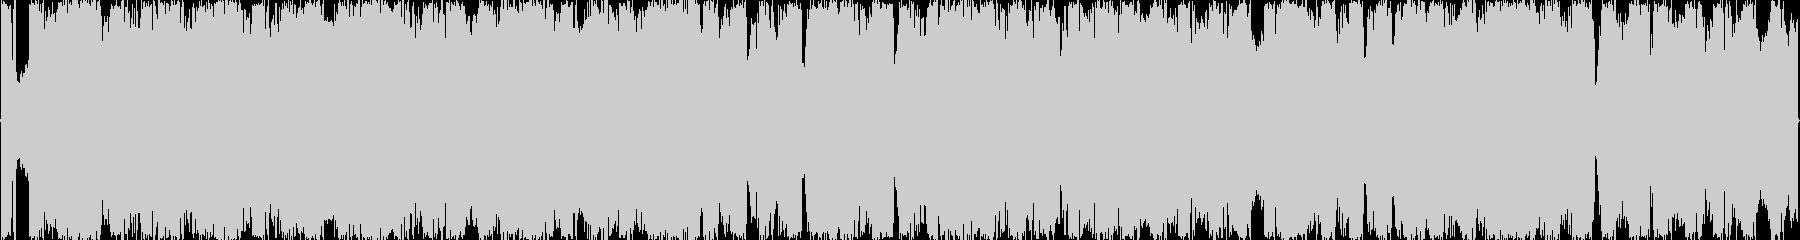 攻撃的なEDMの未再生の波形